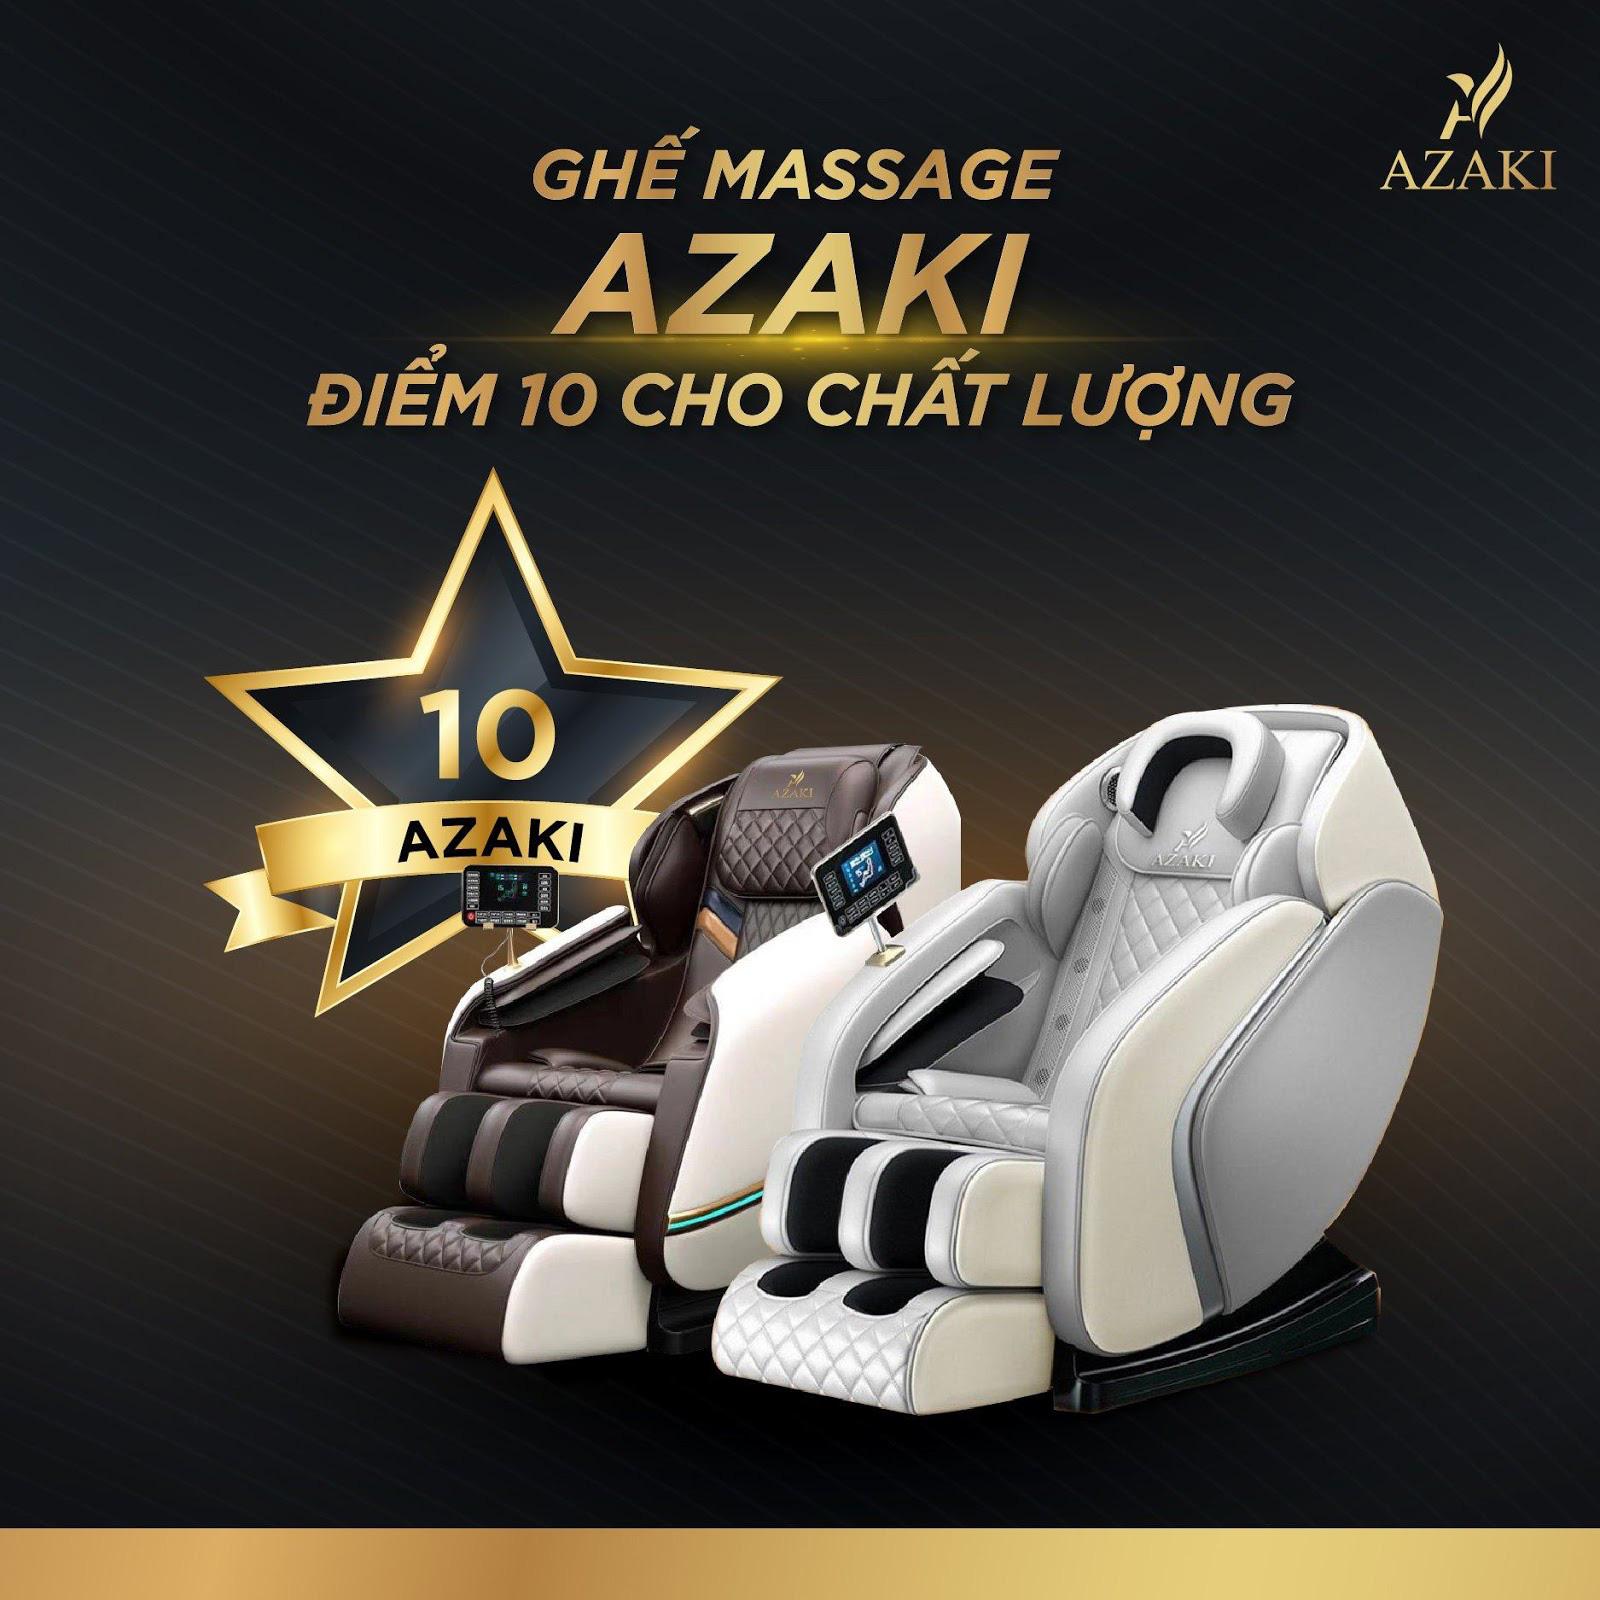 Bí quyết thành công của thương hiệu ghế massage Azaki - Ảnh 1.